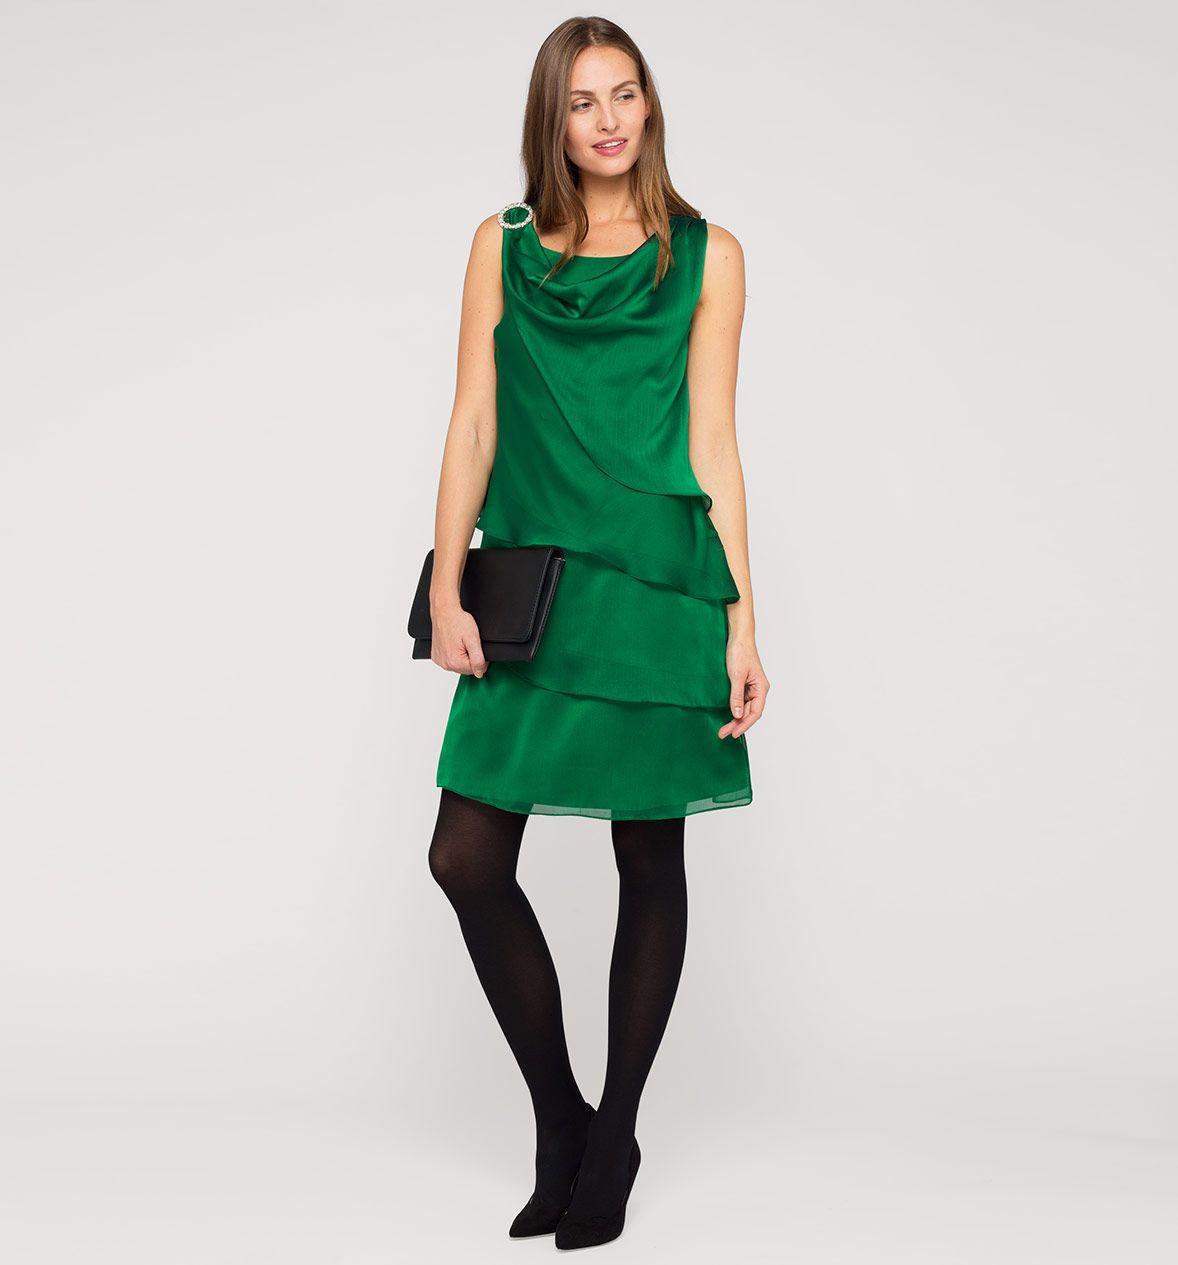 atractivo y duradero numerosos en variedad nuevo producto vestidos-de-fiesta-cortos-c&a-2016 - Belleza10 | vestidos ...